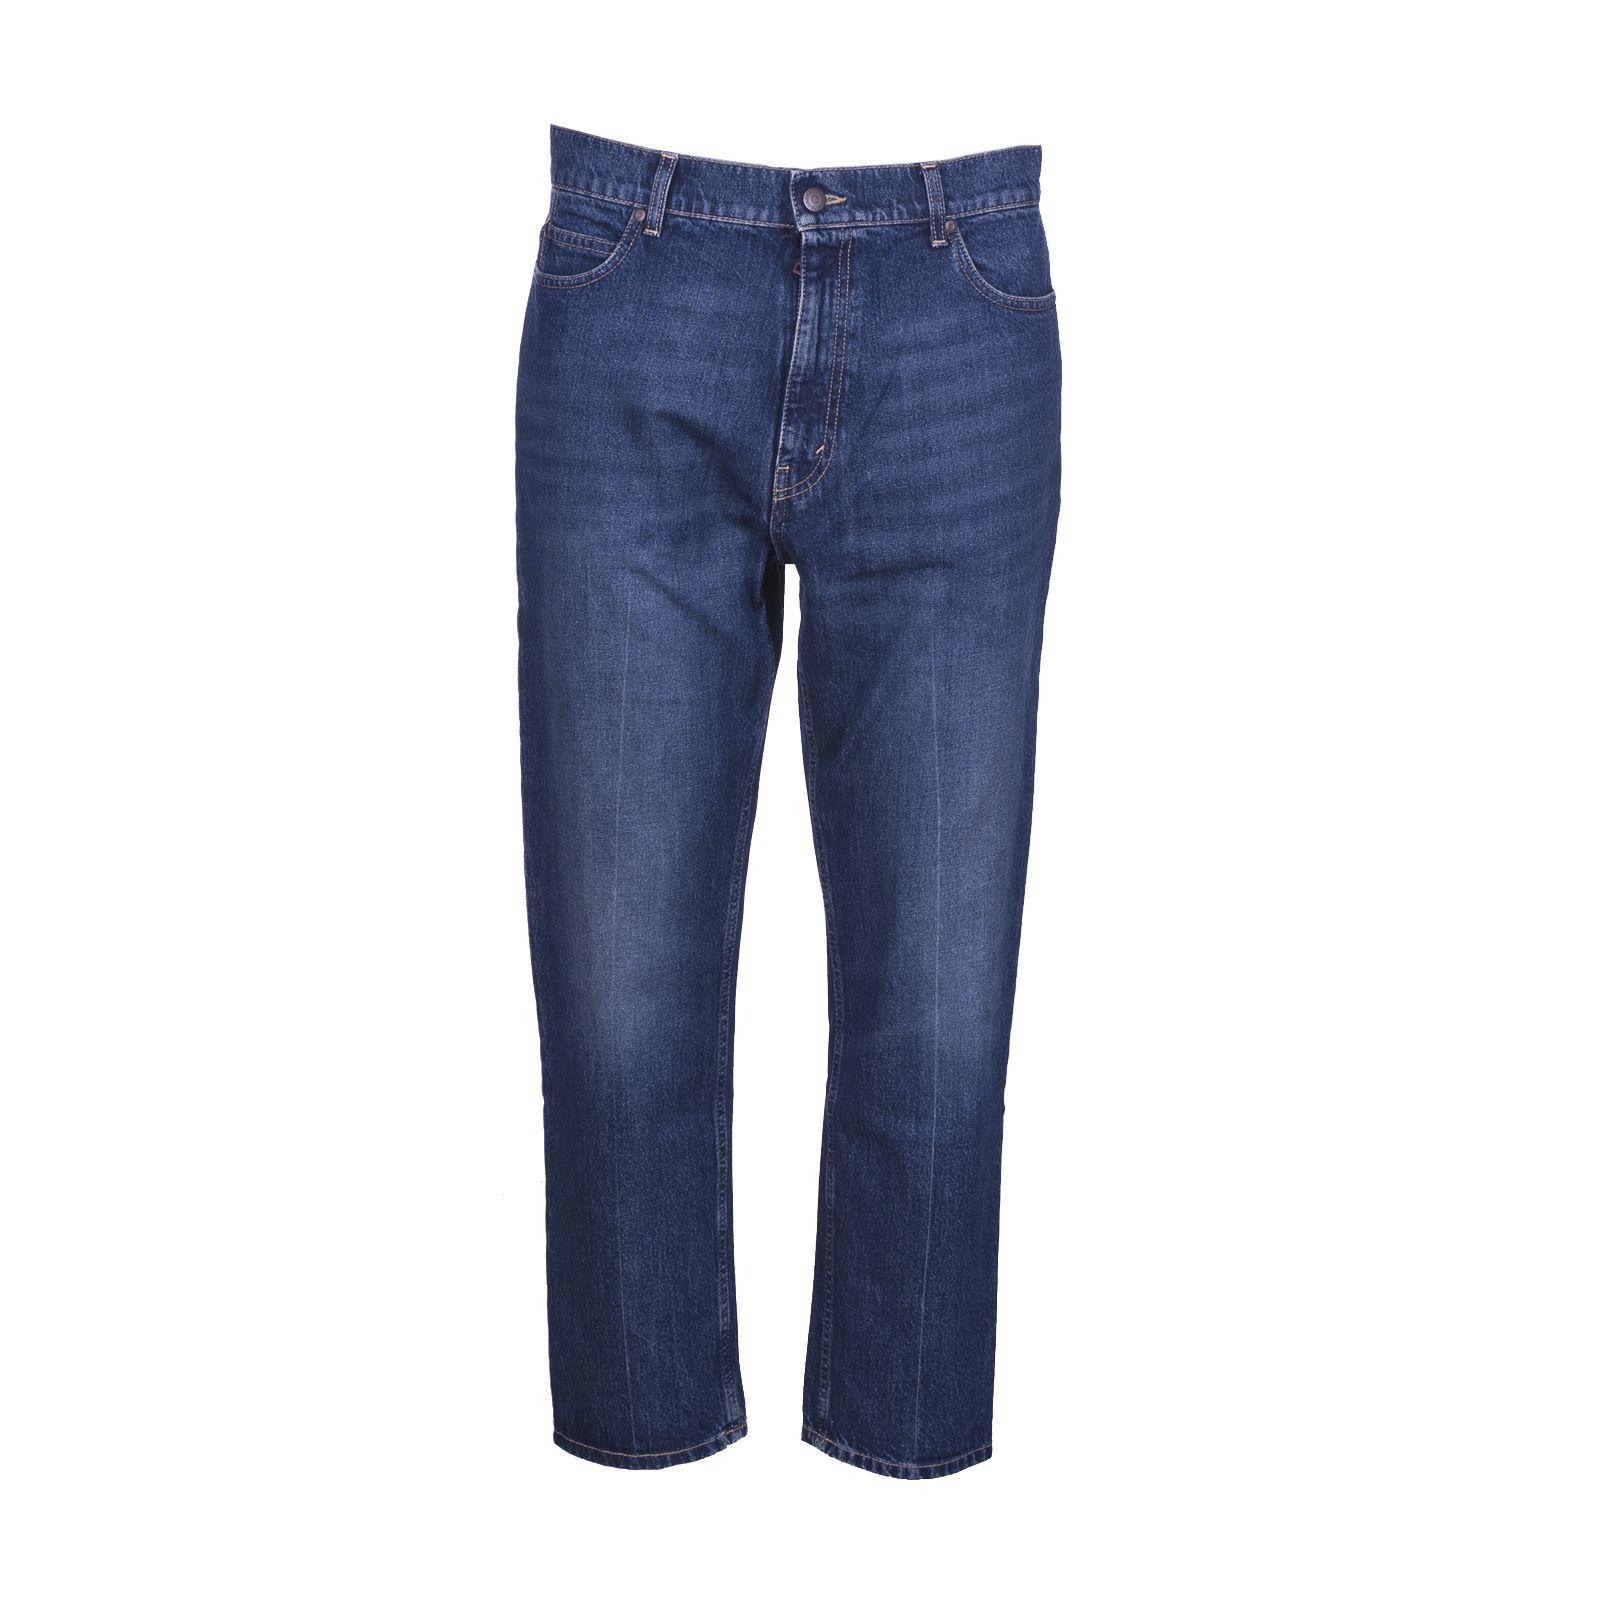 Denzel Slim-Fit Tapered Denim Jeans - Blue